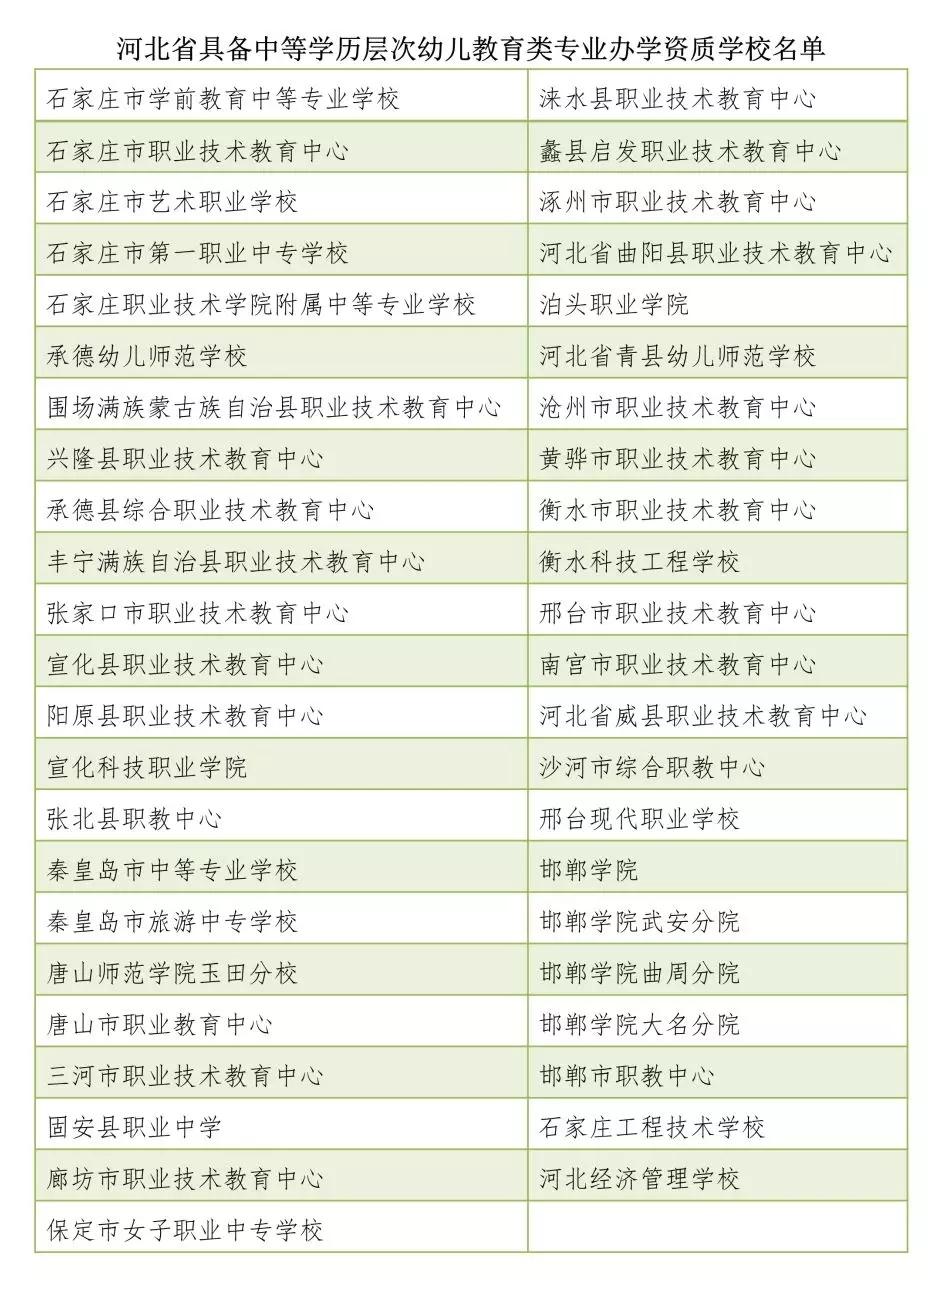 河北省2020年上半年g_2020年河北省专题会